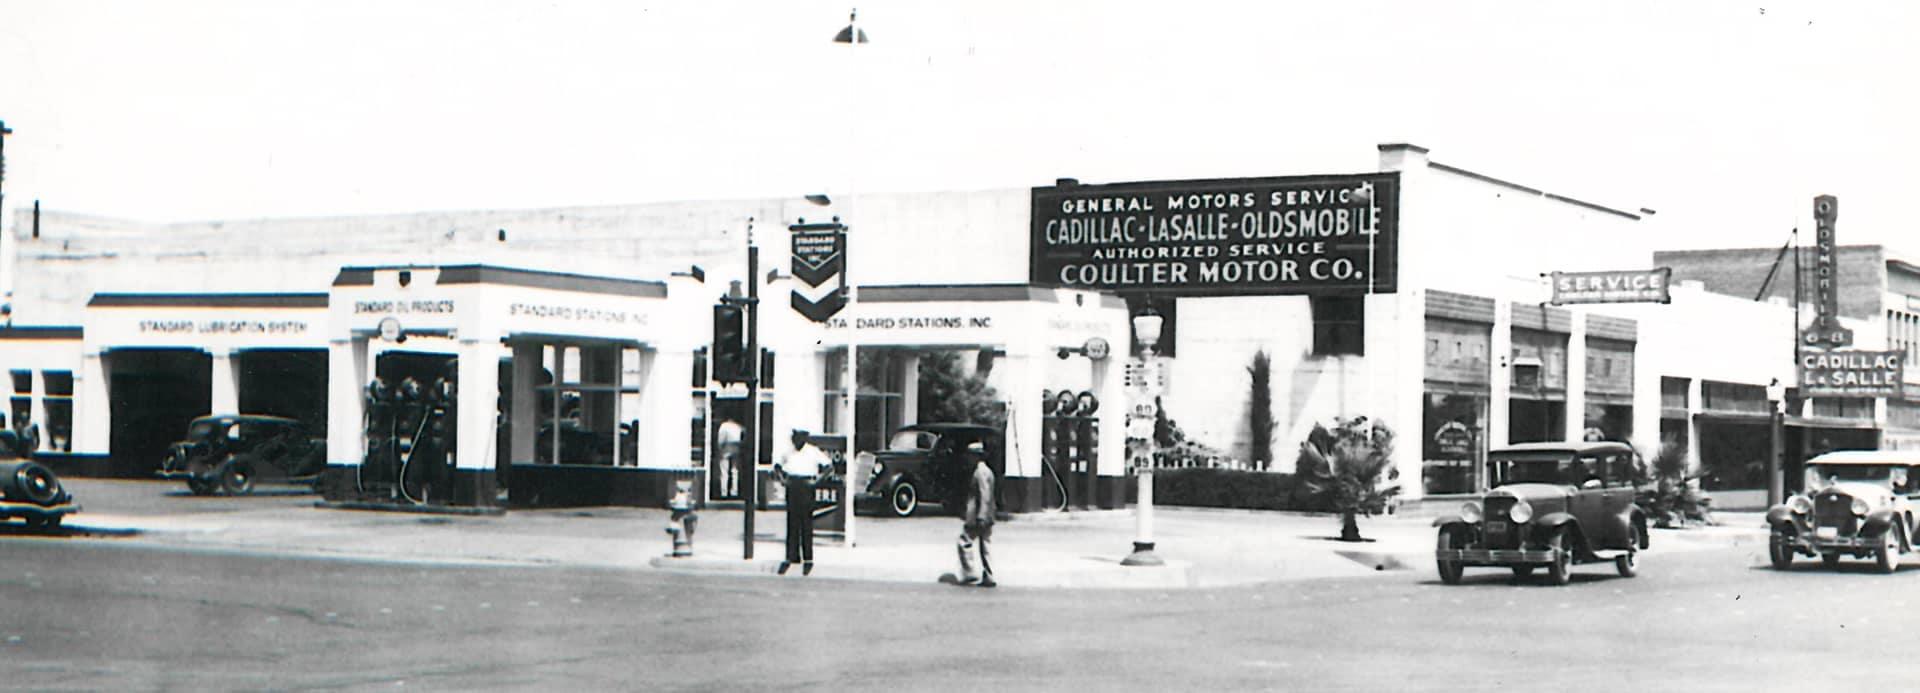 Coulter Motor Co Vintage Storefront